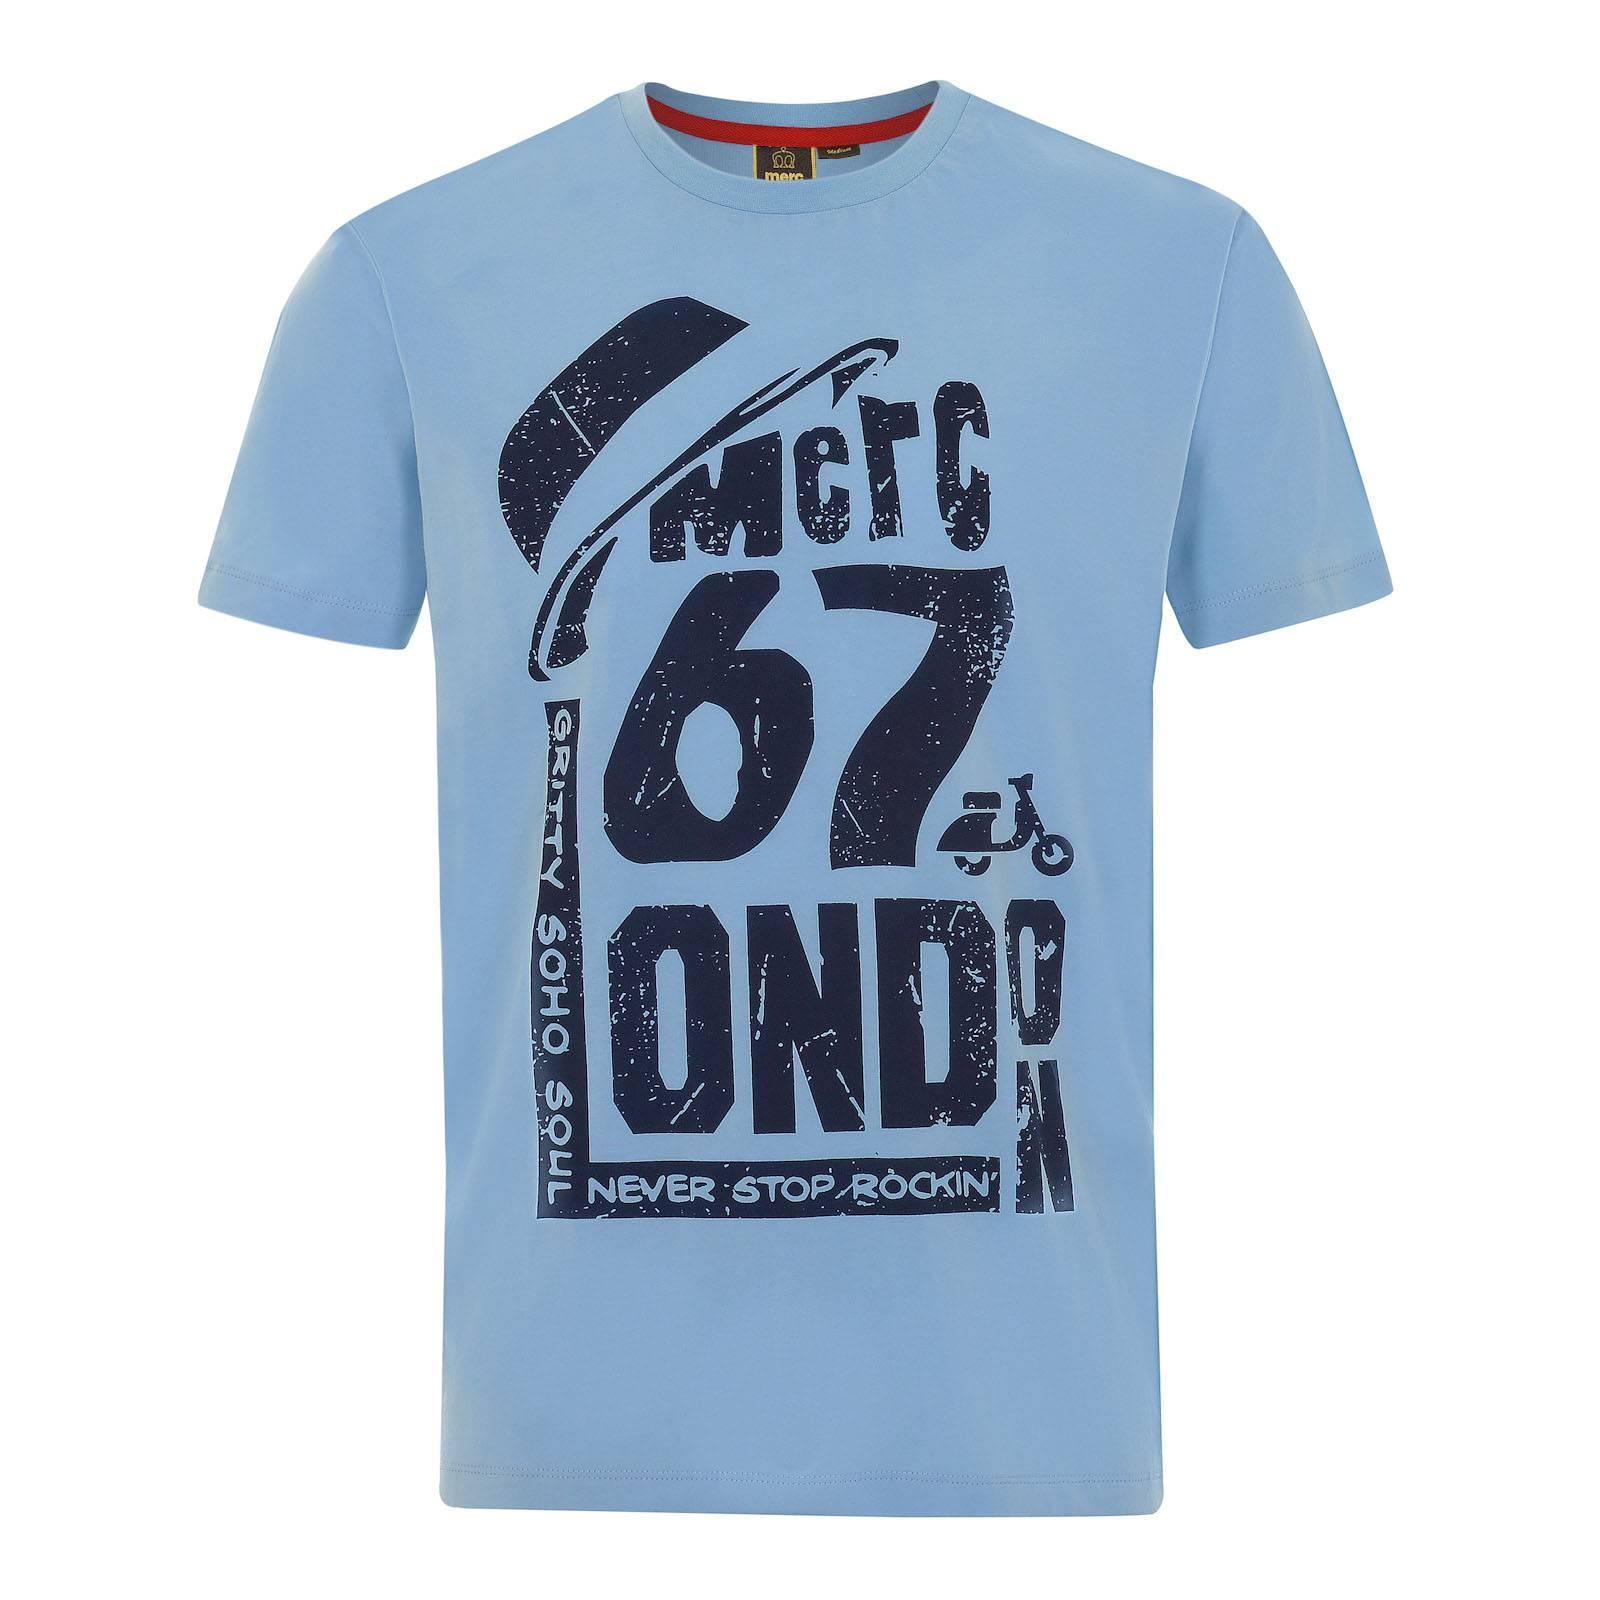 Футболка WildwoodФутболки<br>Эффектная футболка со стилизованным логотипом Merc London в виде оригинального винтажного принта. Красивый ретро шрифт и традиционная для британской руд-бой субкультуры шляпа pork-pie возвращают в 1967 год основания бренда.<br><br>Артикул: 1715108<br>Материал: 100% хлопок<br>Цвет: голубой<br>Пол: Мужской